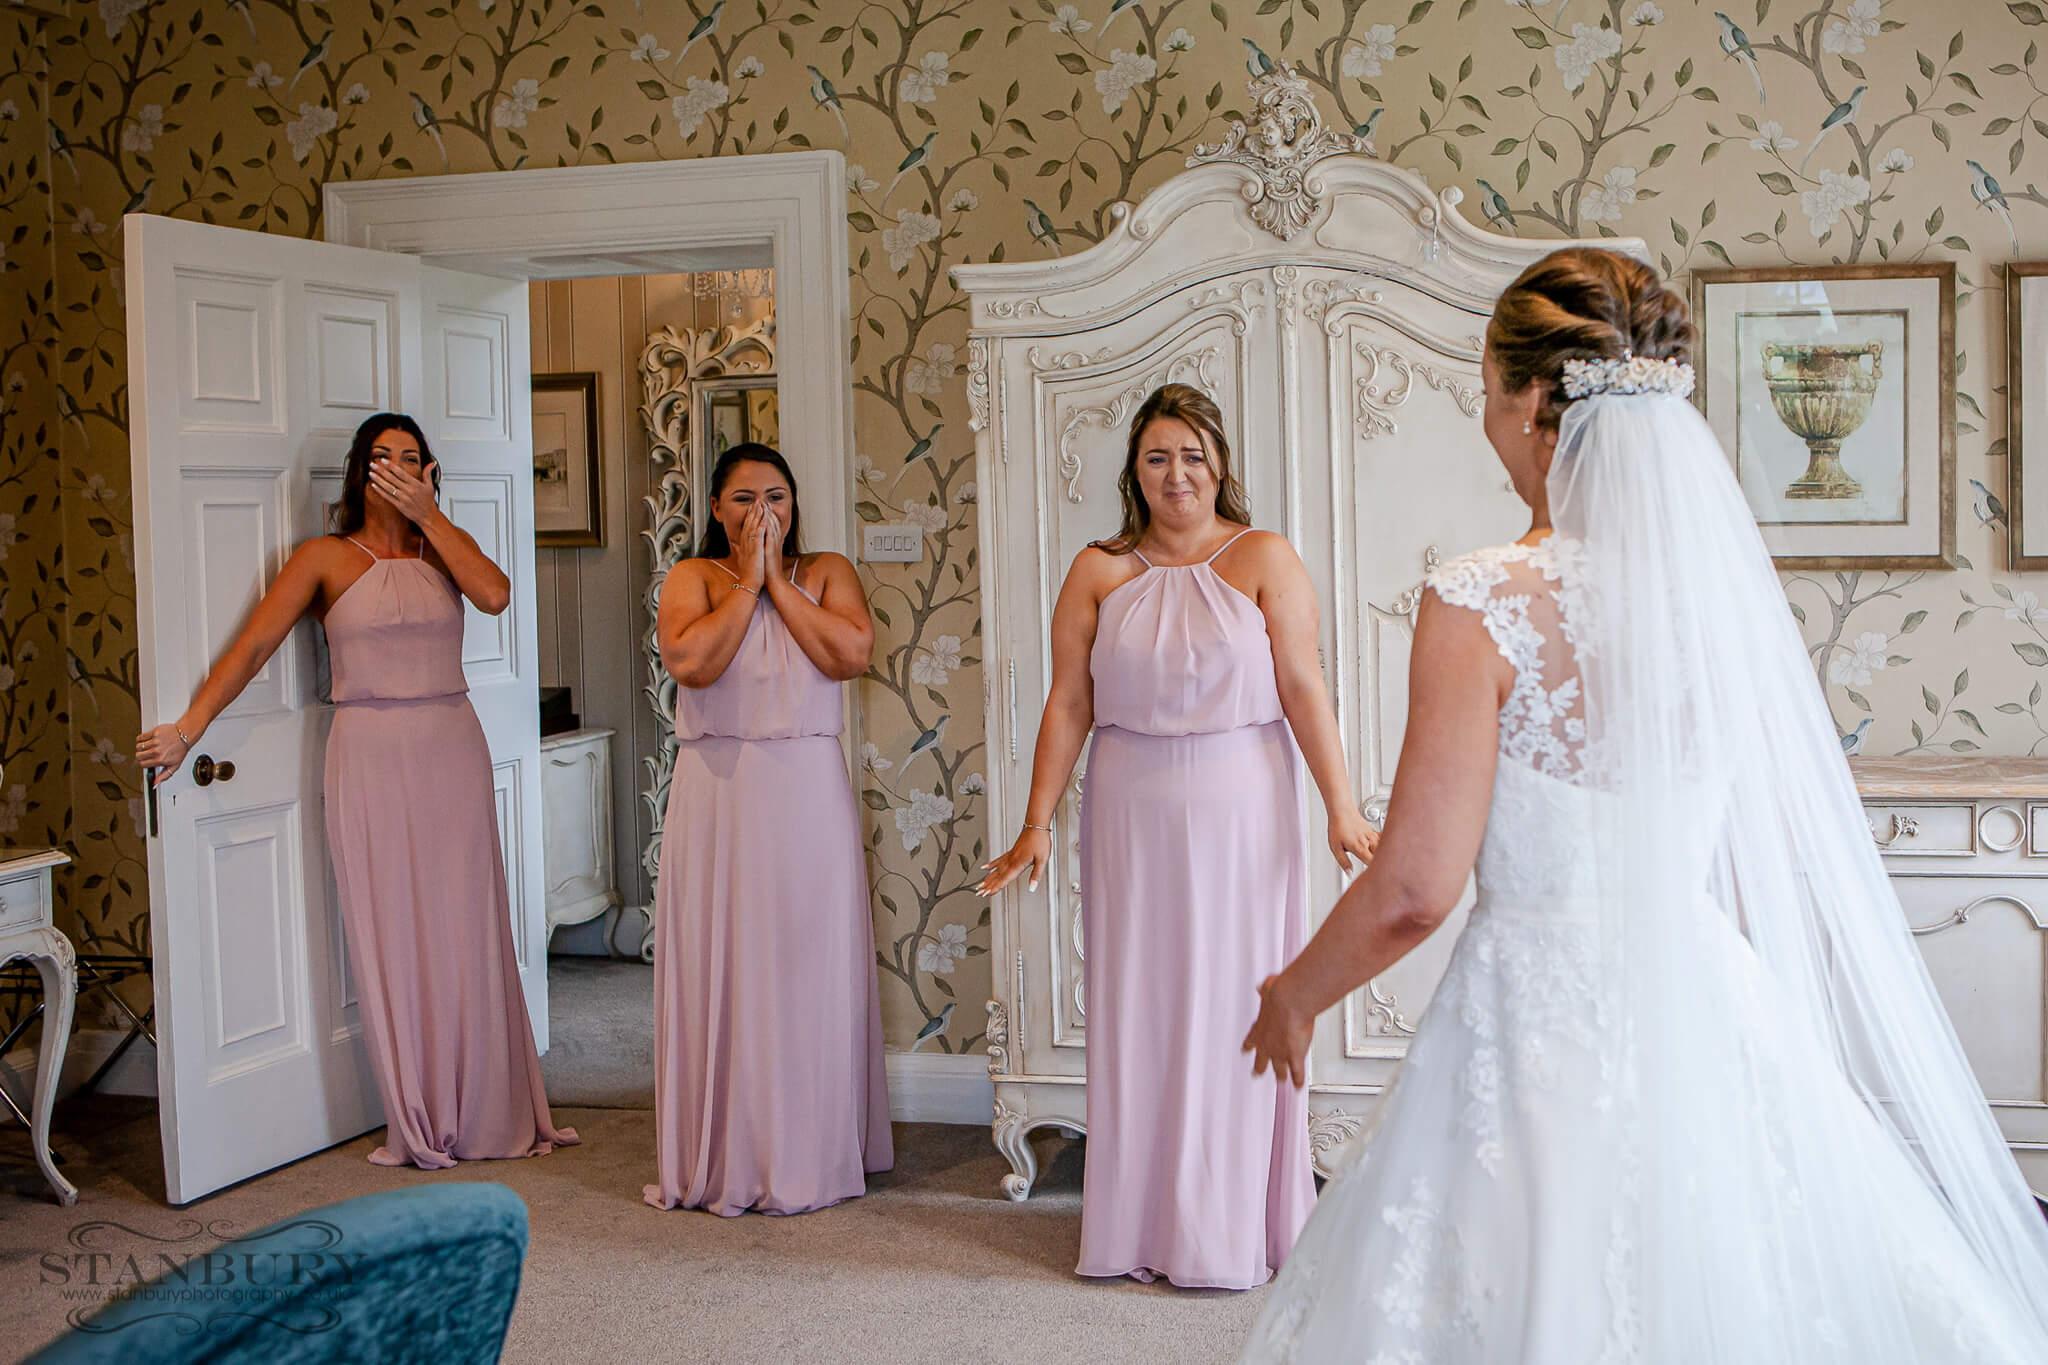 eaves-hall-wedding-photography-007